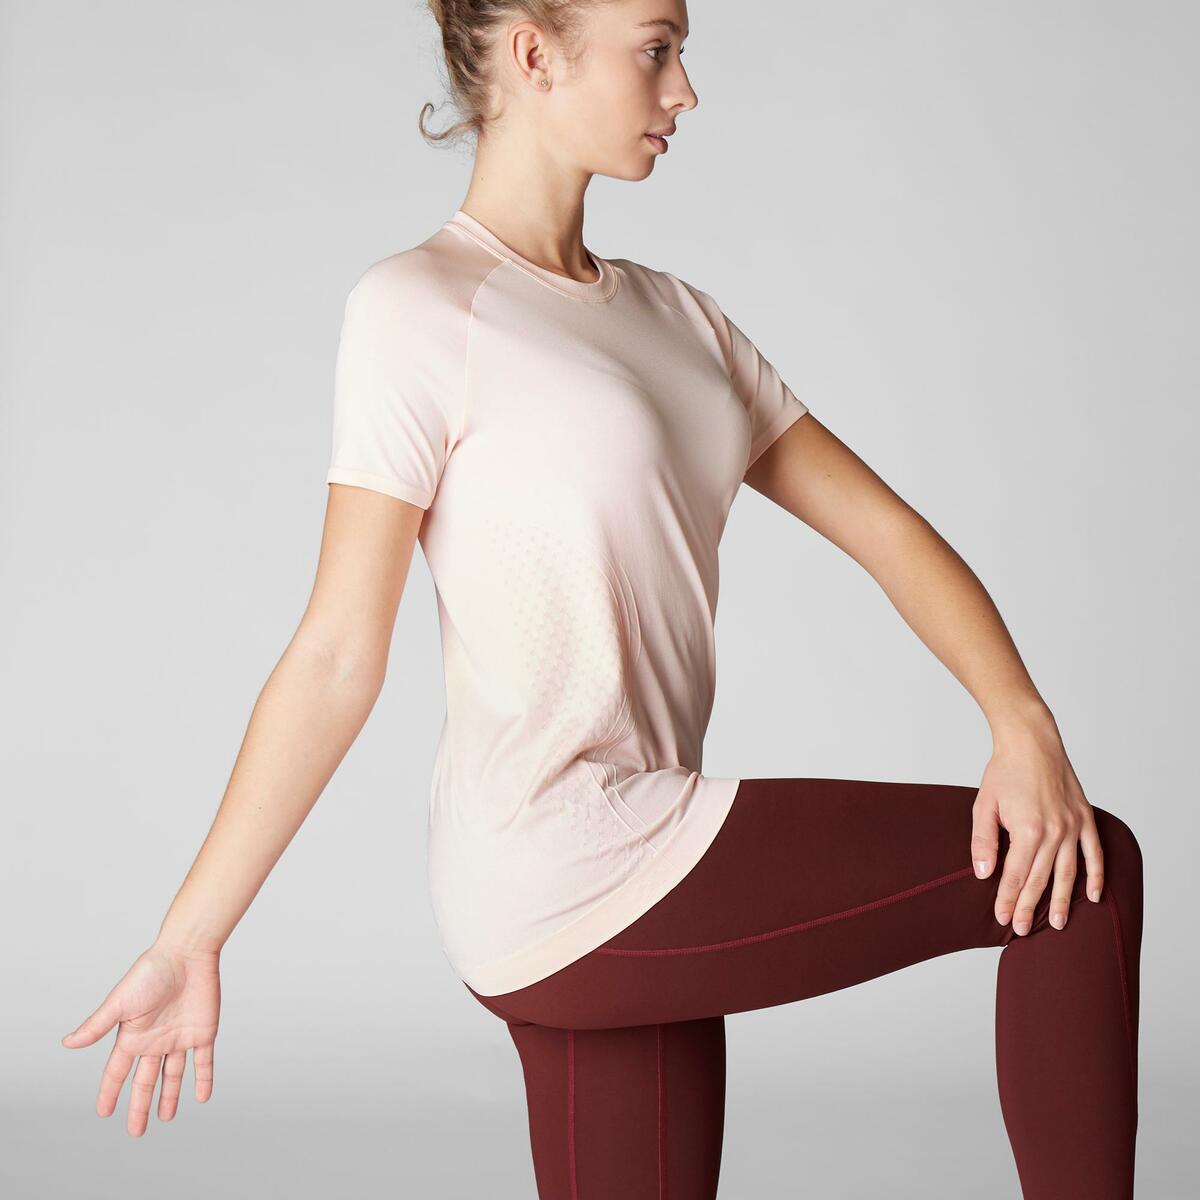 Bild 3 von T-Shirt dynamisches Yoga nahtlos Damen rosa